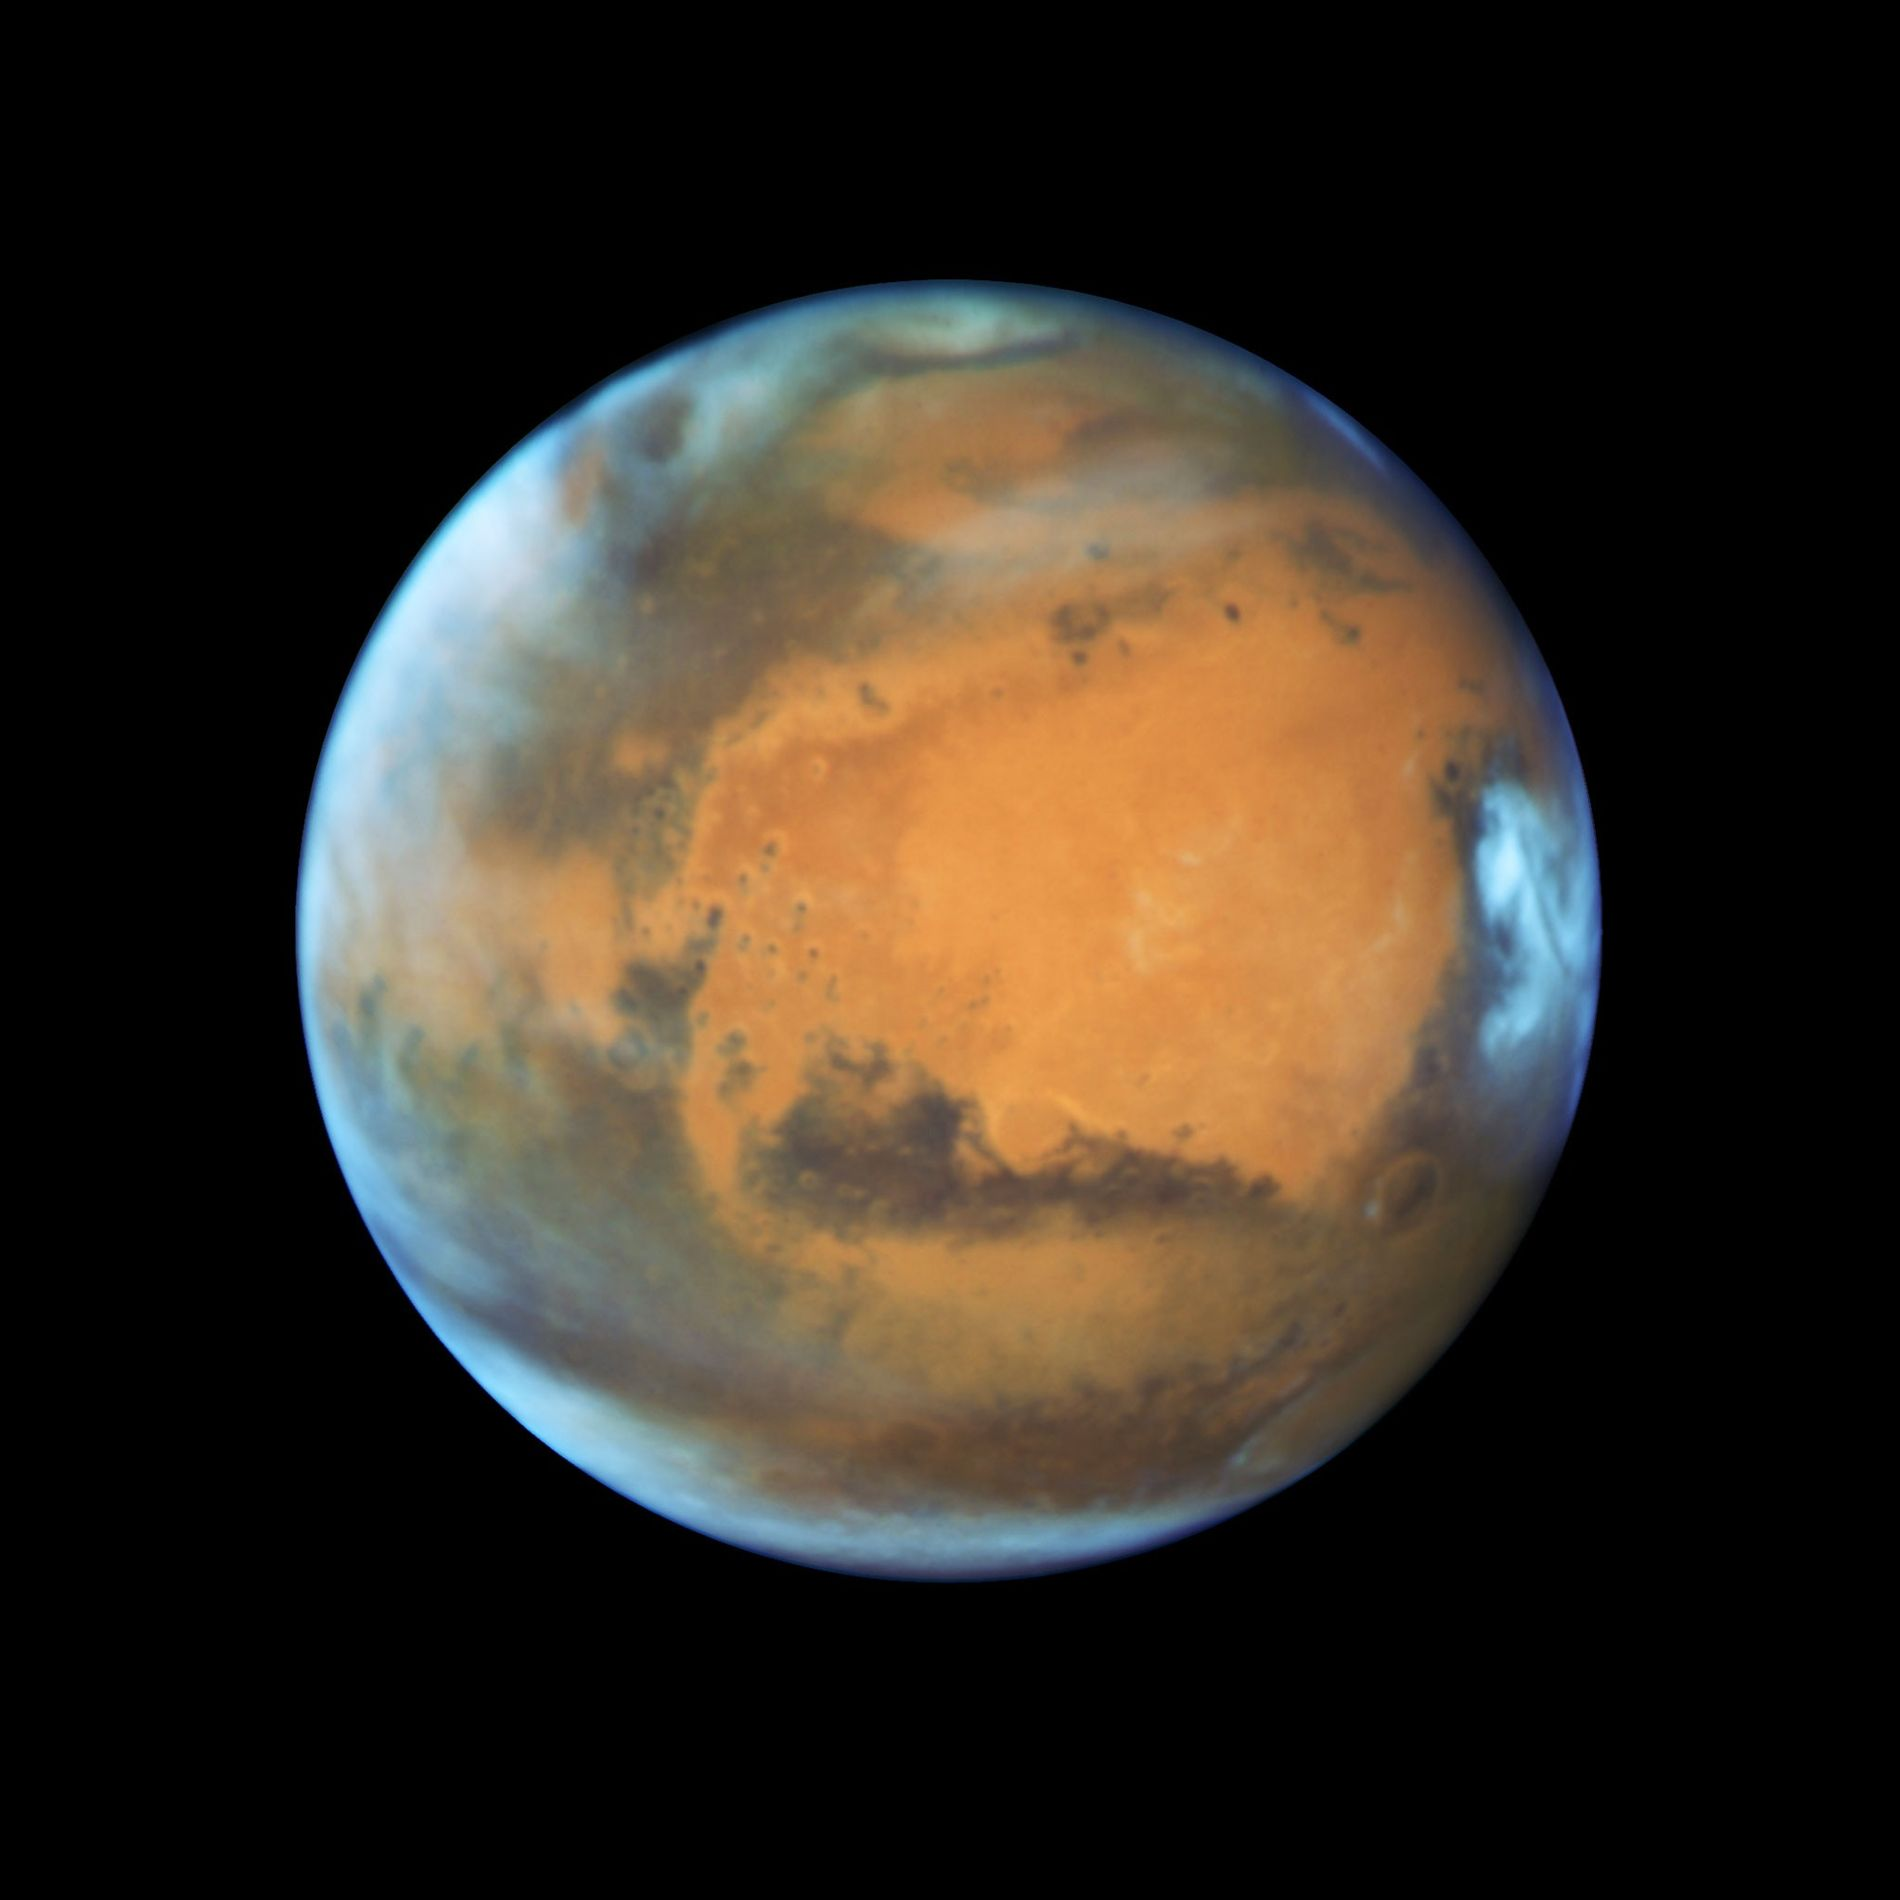 Aspetos da superfície de Marte,